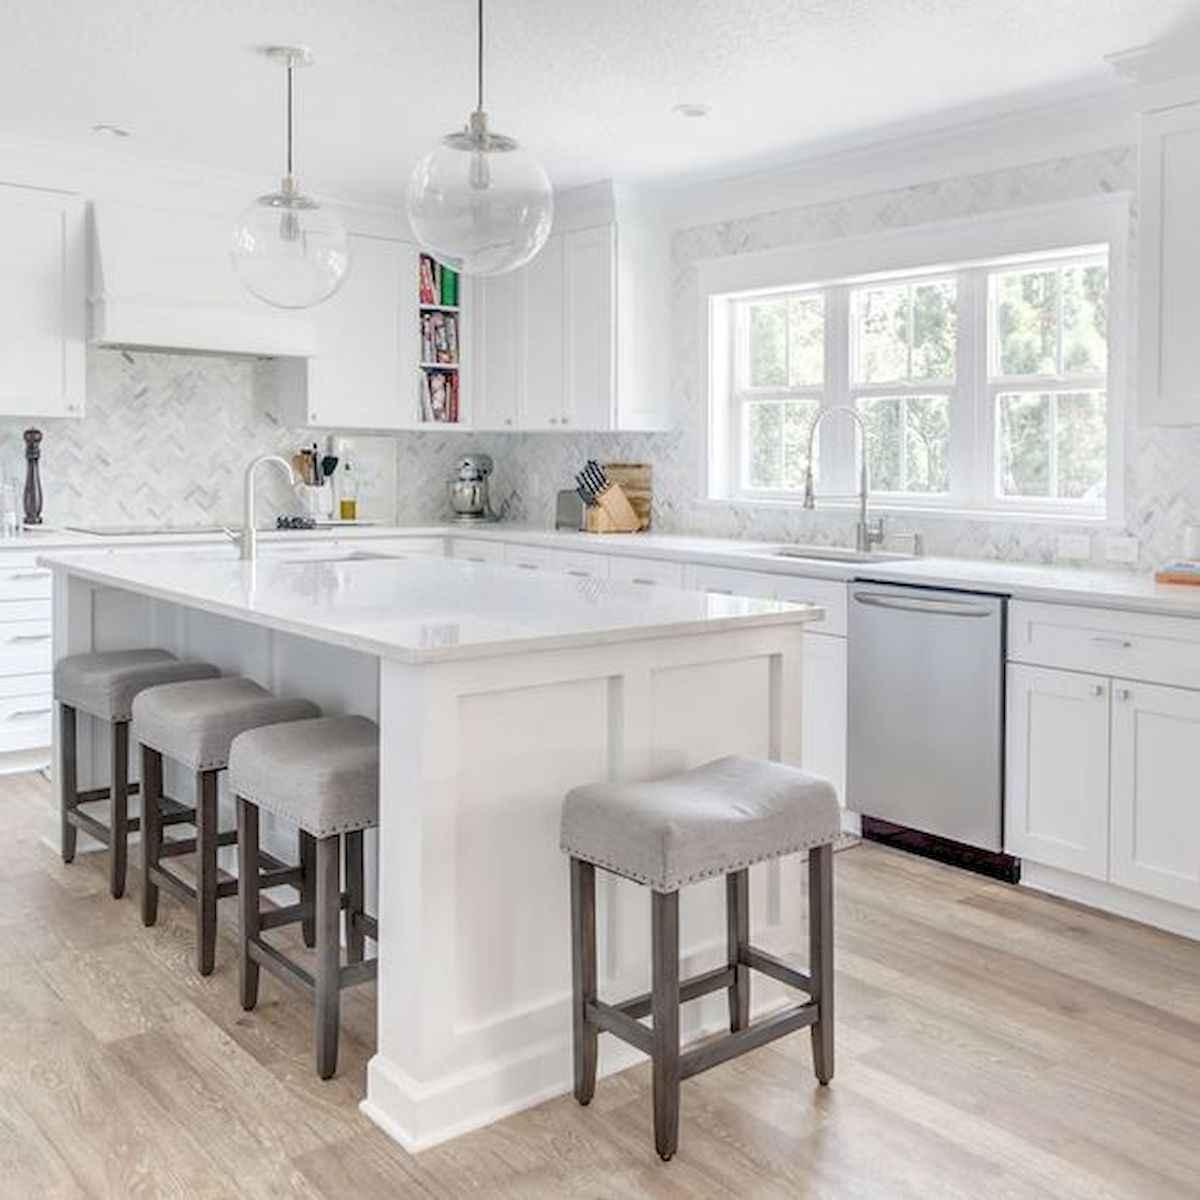 50 Best White Kitchen Design Ideas To Inspiring Your Kitchen (39)